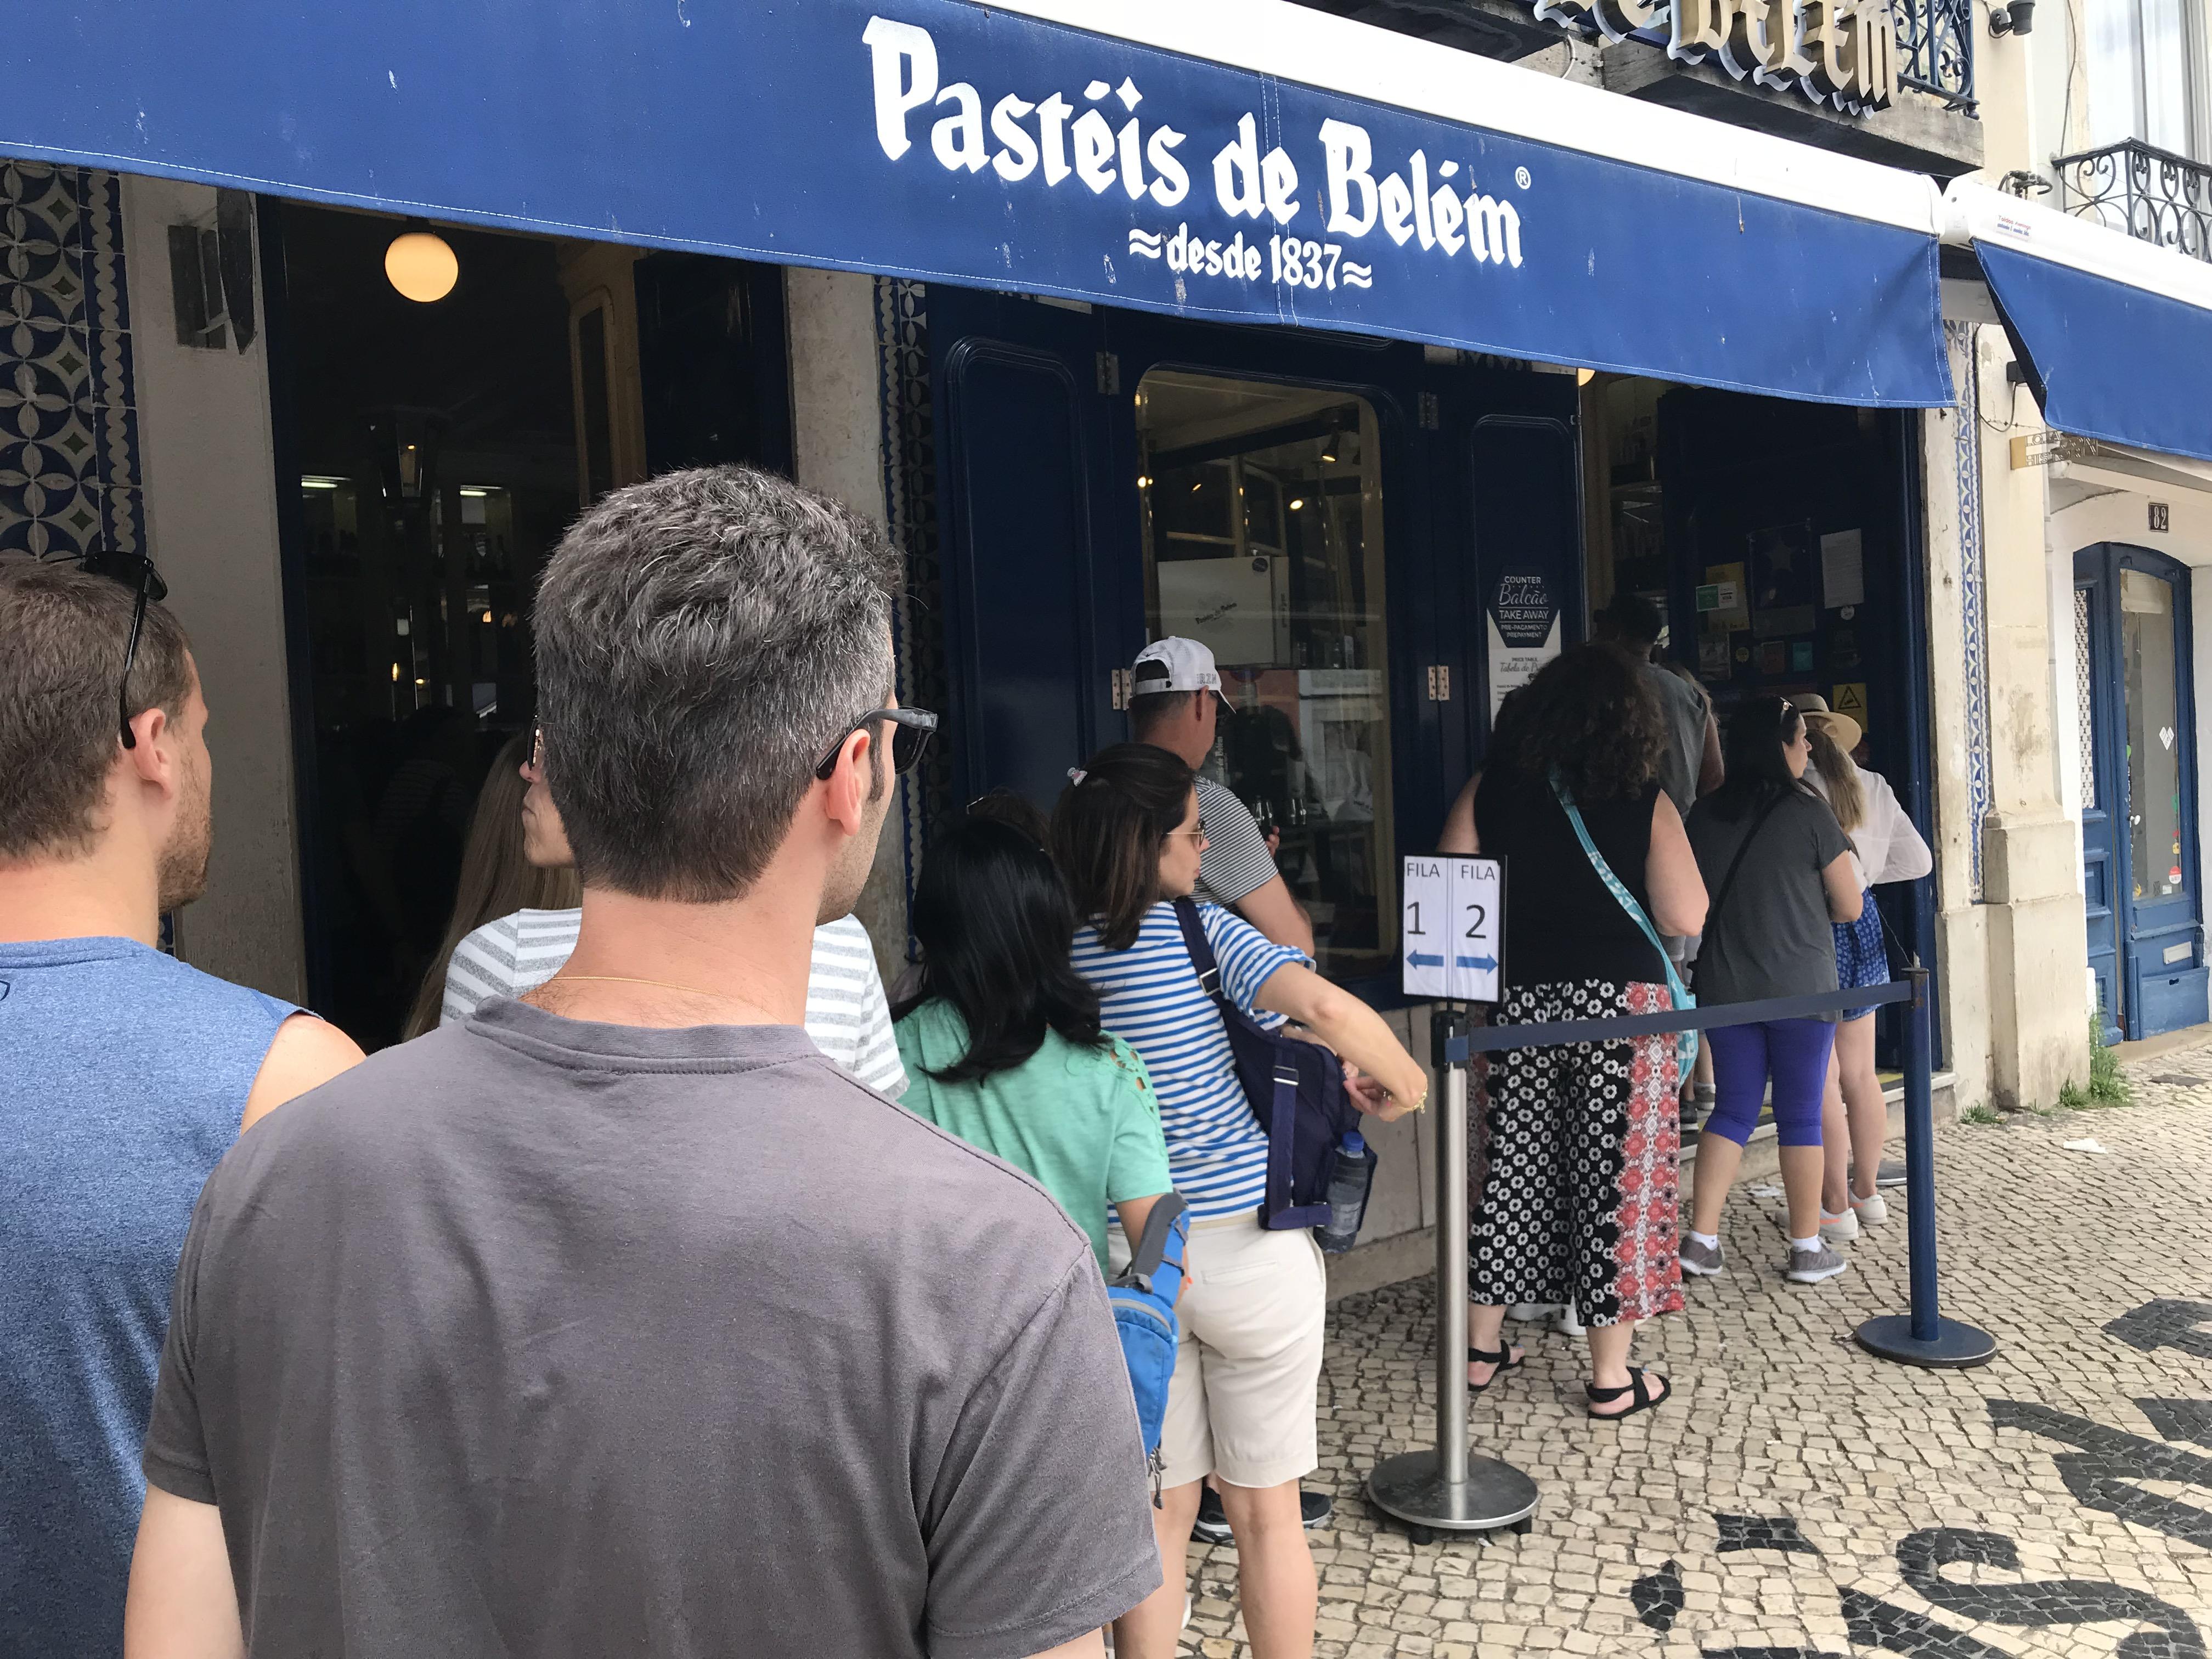 Pastéis de Belém(パステイシュ・デ・ベレン)